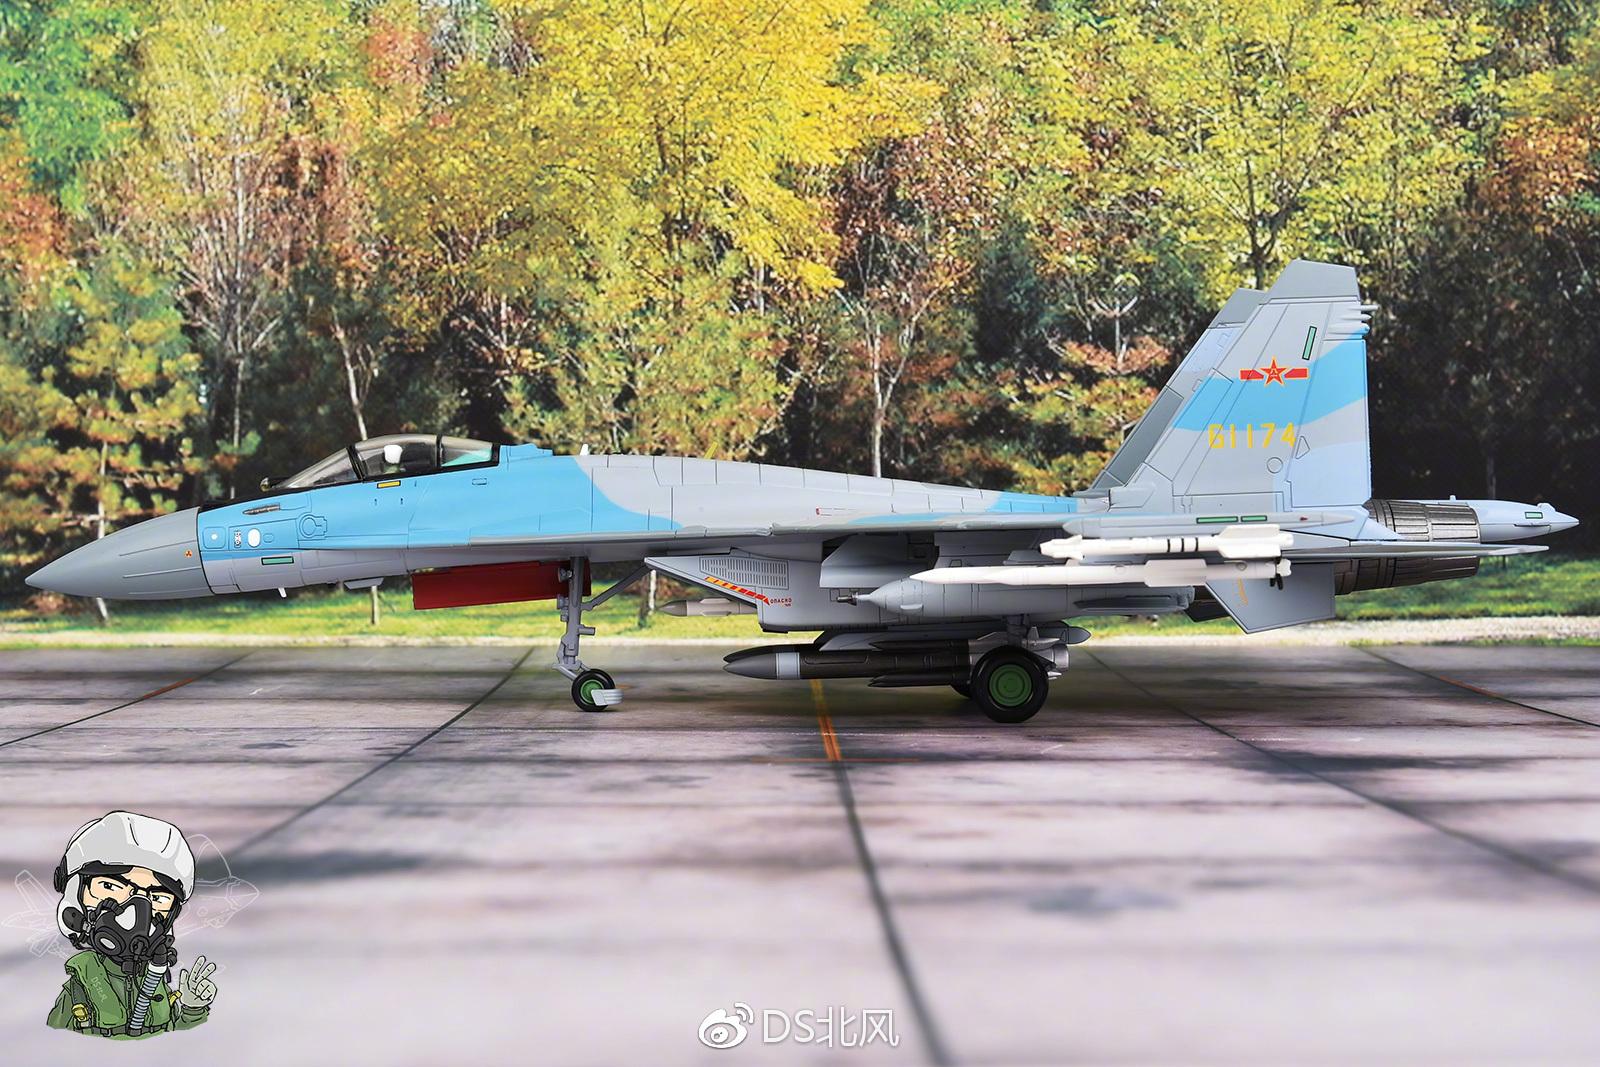 南天门守护神--中国空军苏-35战机合金成品模